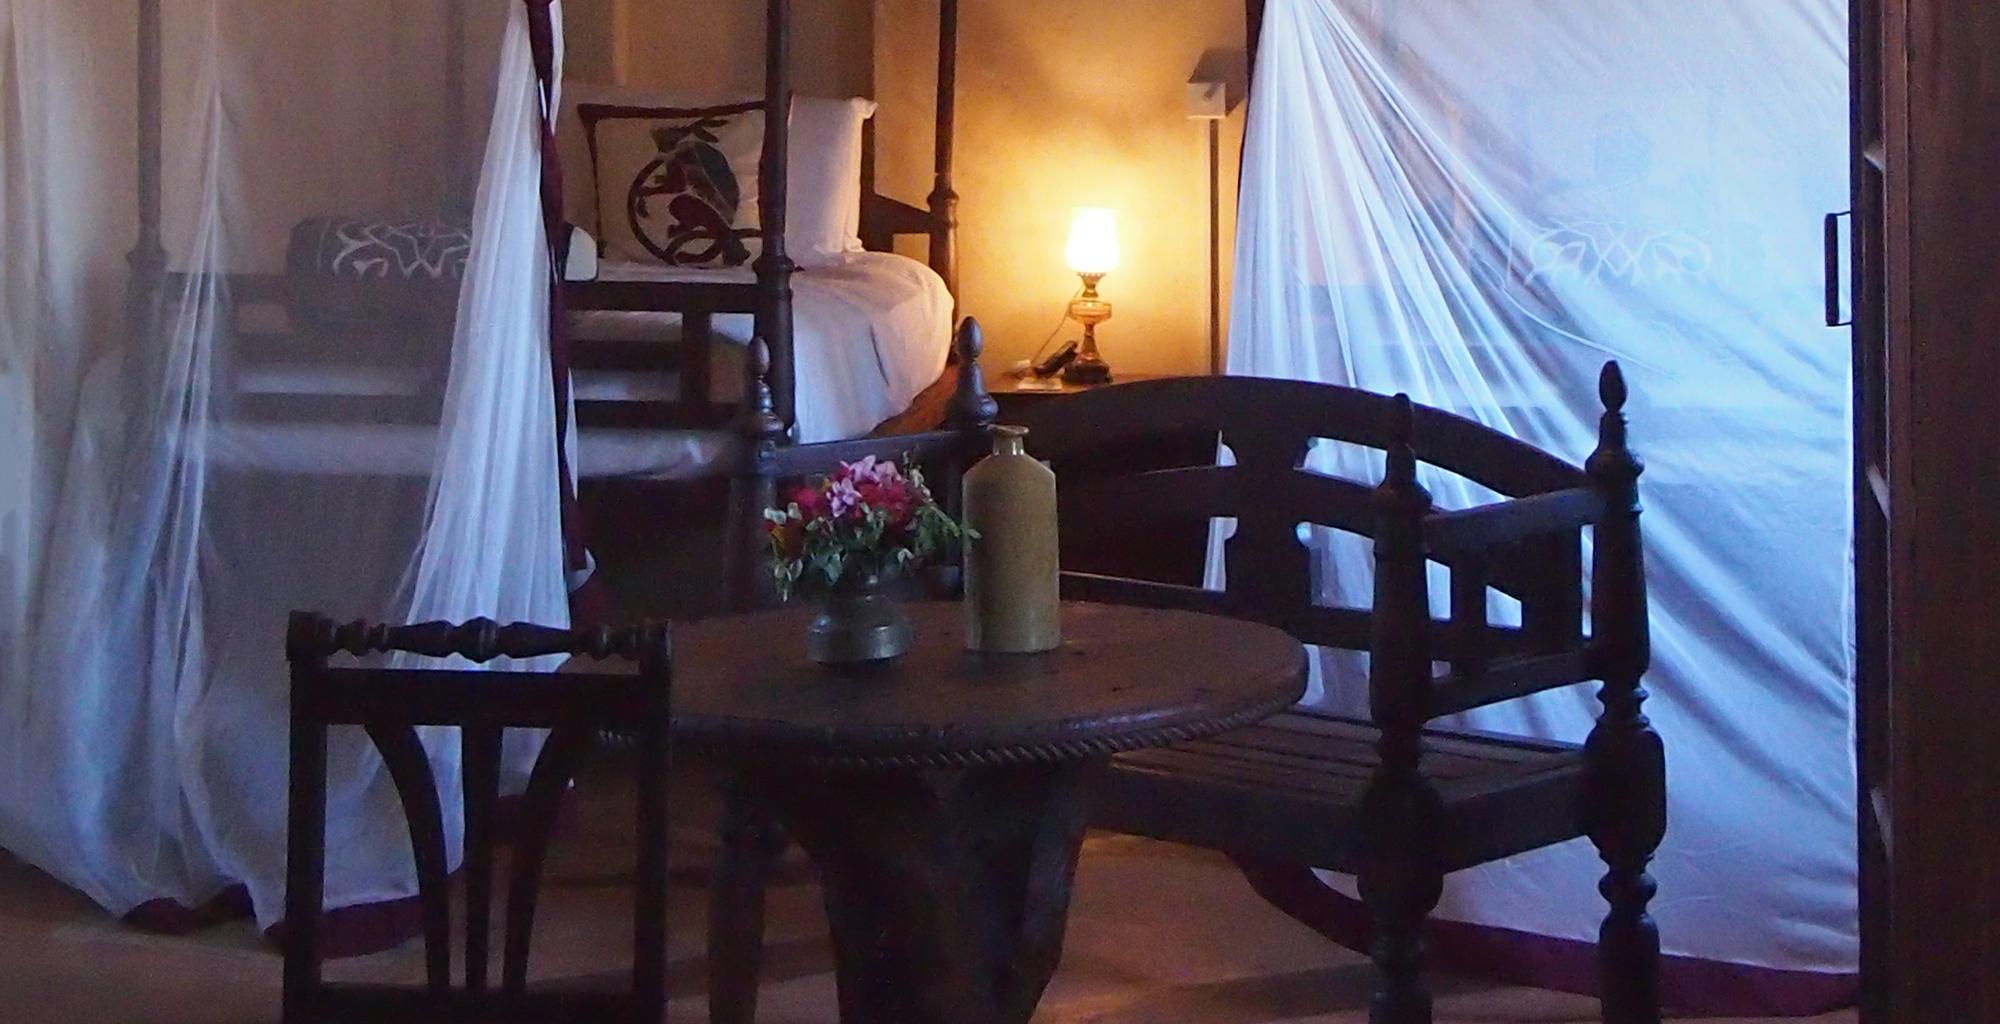 Tanzania-Emerson-Spice-Coffee-Table